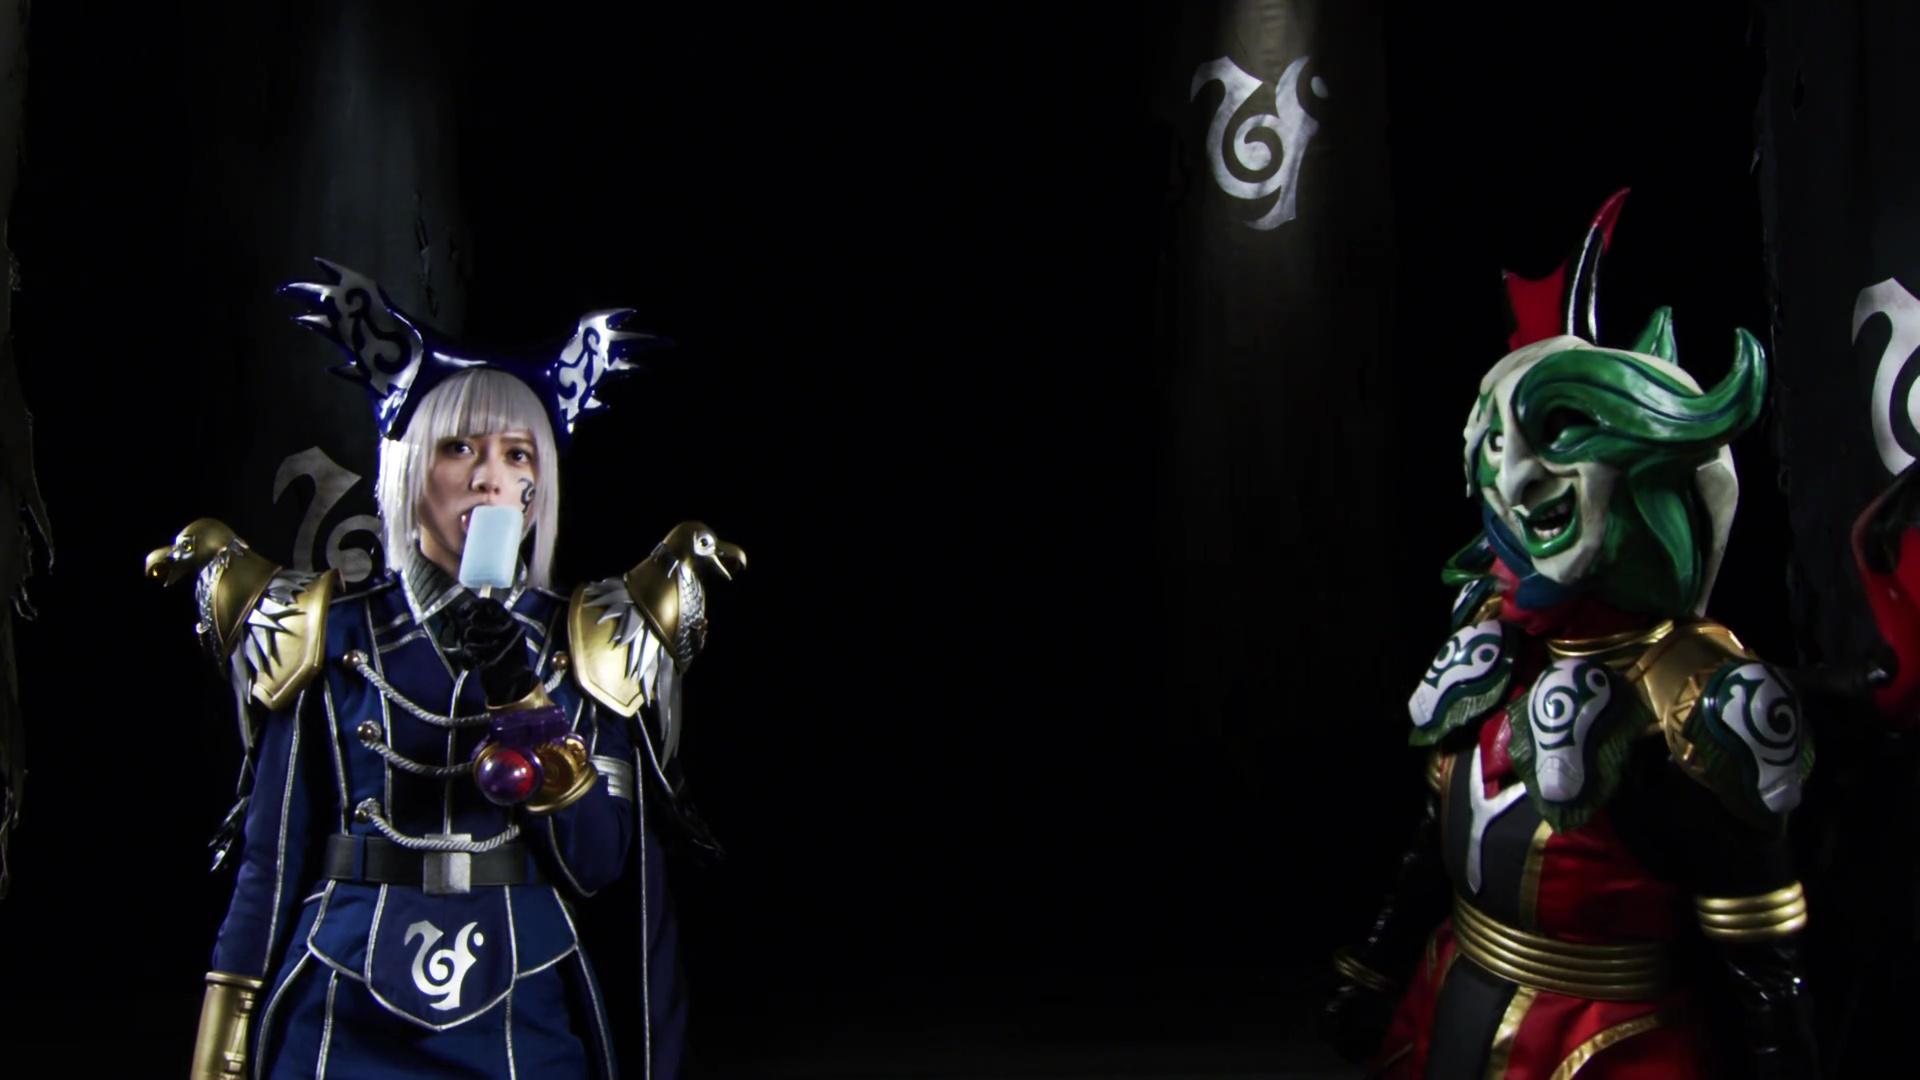 Mashin Sentai Kiramager Episode 35 Recap